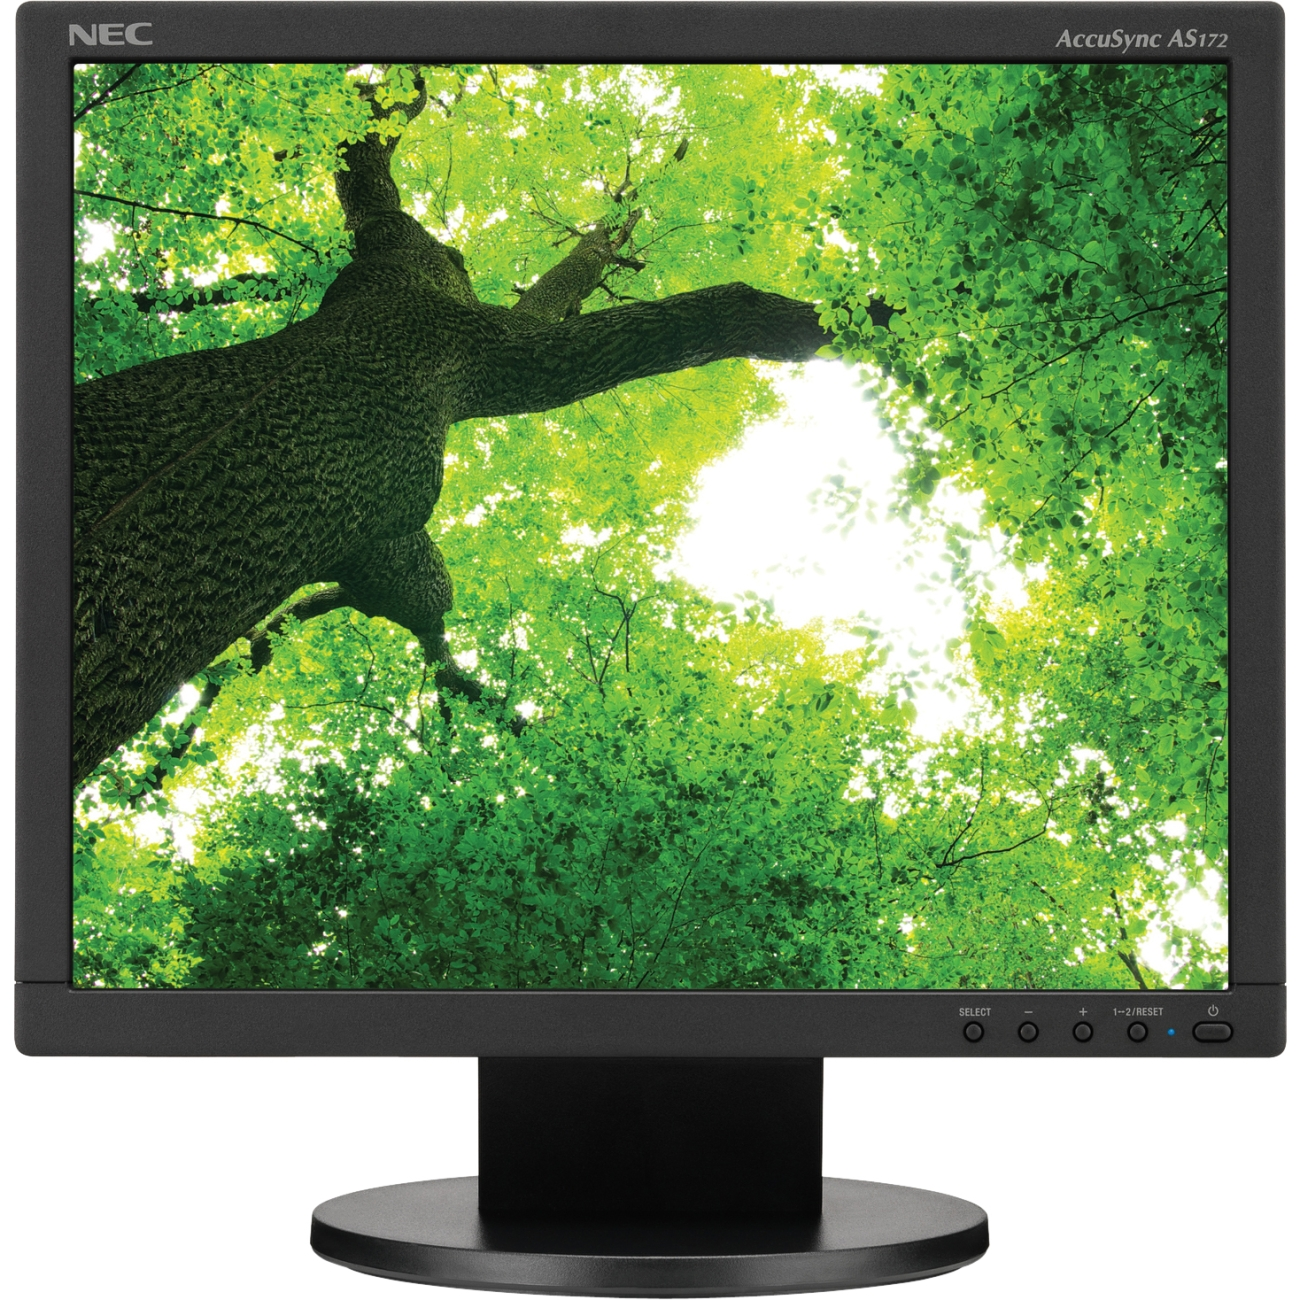 """NEC Monitor AccuSync AS172-BK 17"""" LED LCD Monitor - 5:4 - 5 ms - (Refurbished)"""